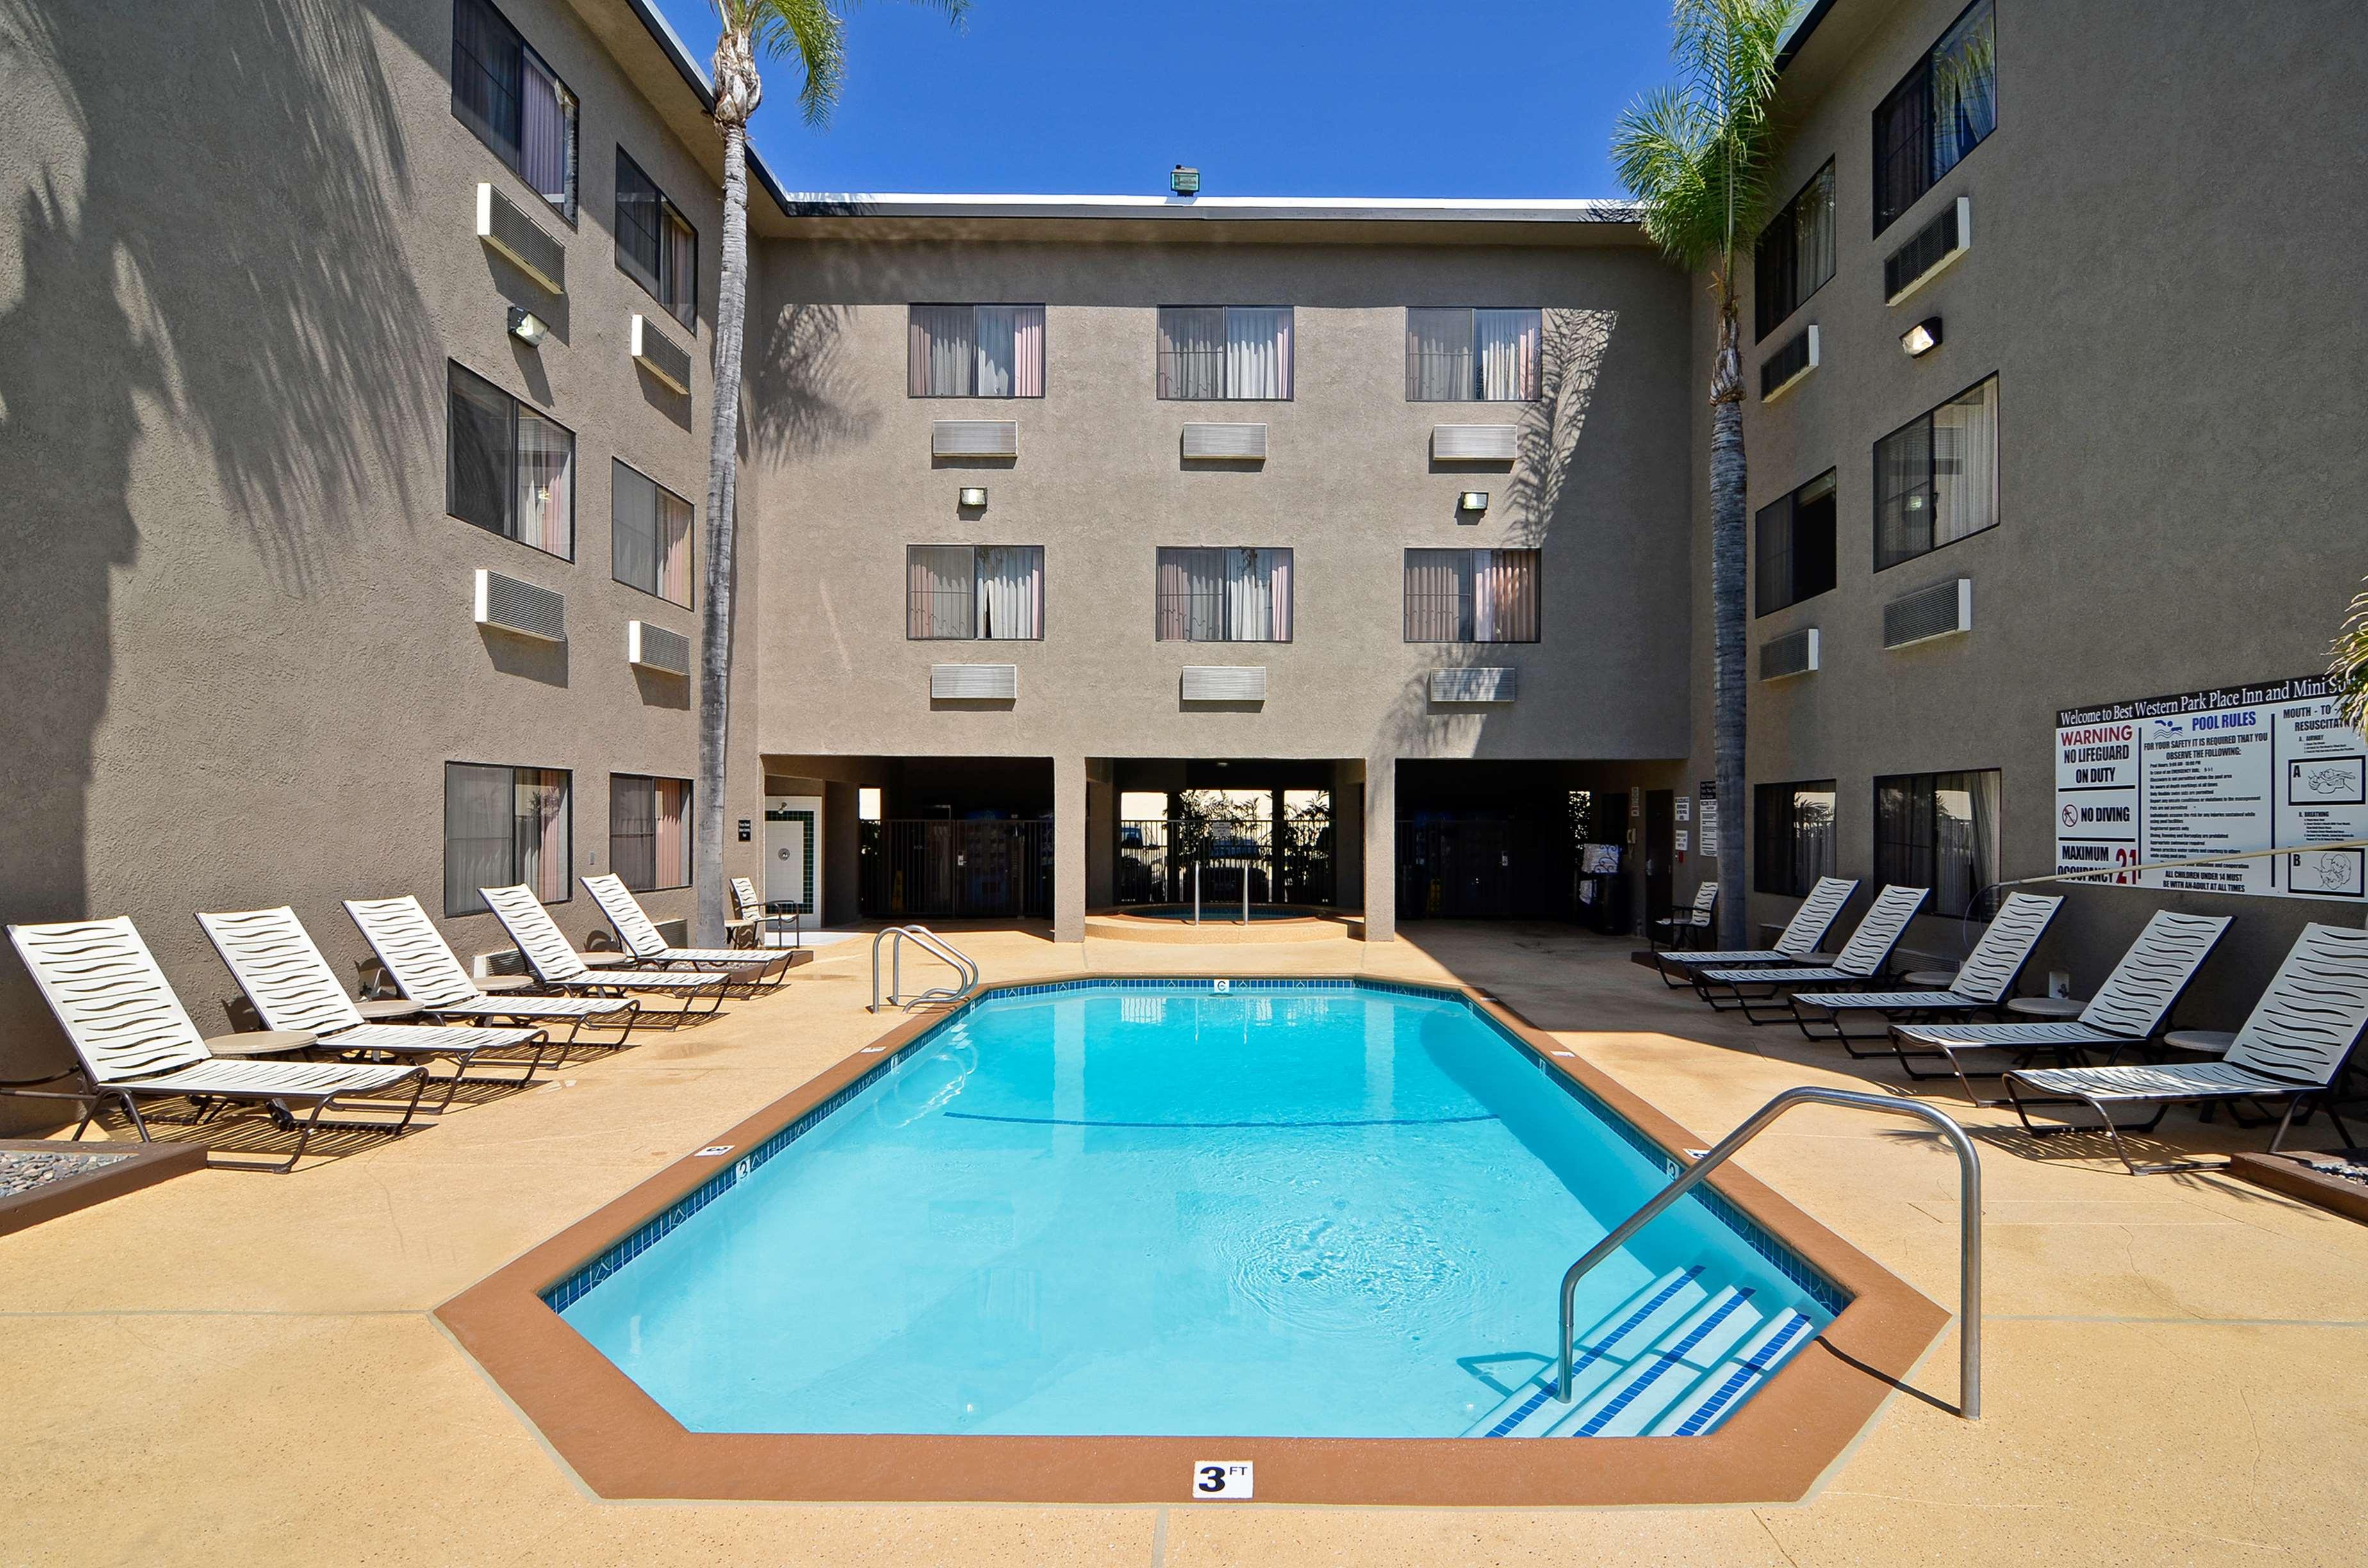 Best Western Plus Park Place Inn - Mini Suites image 10